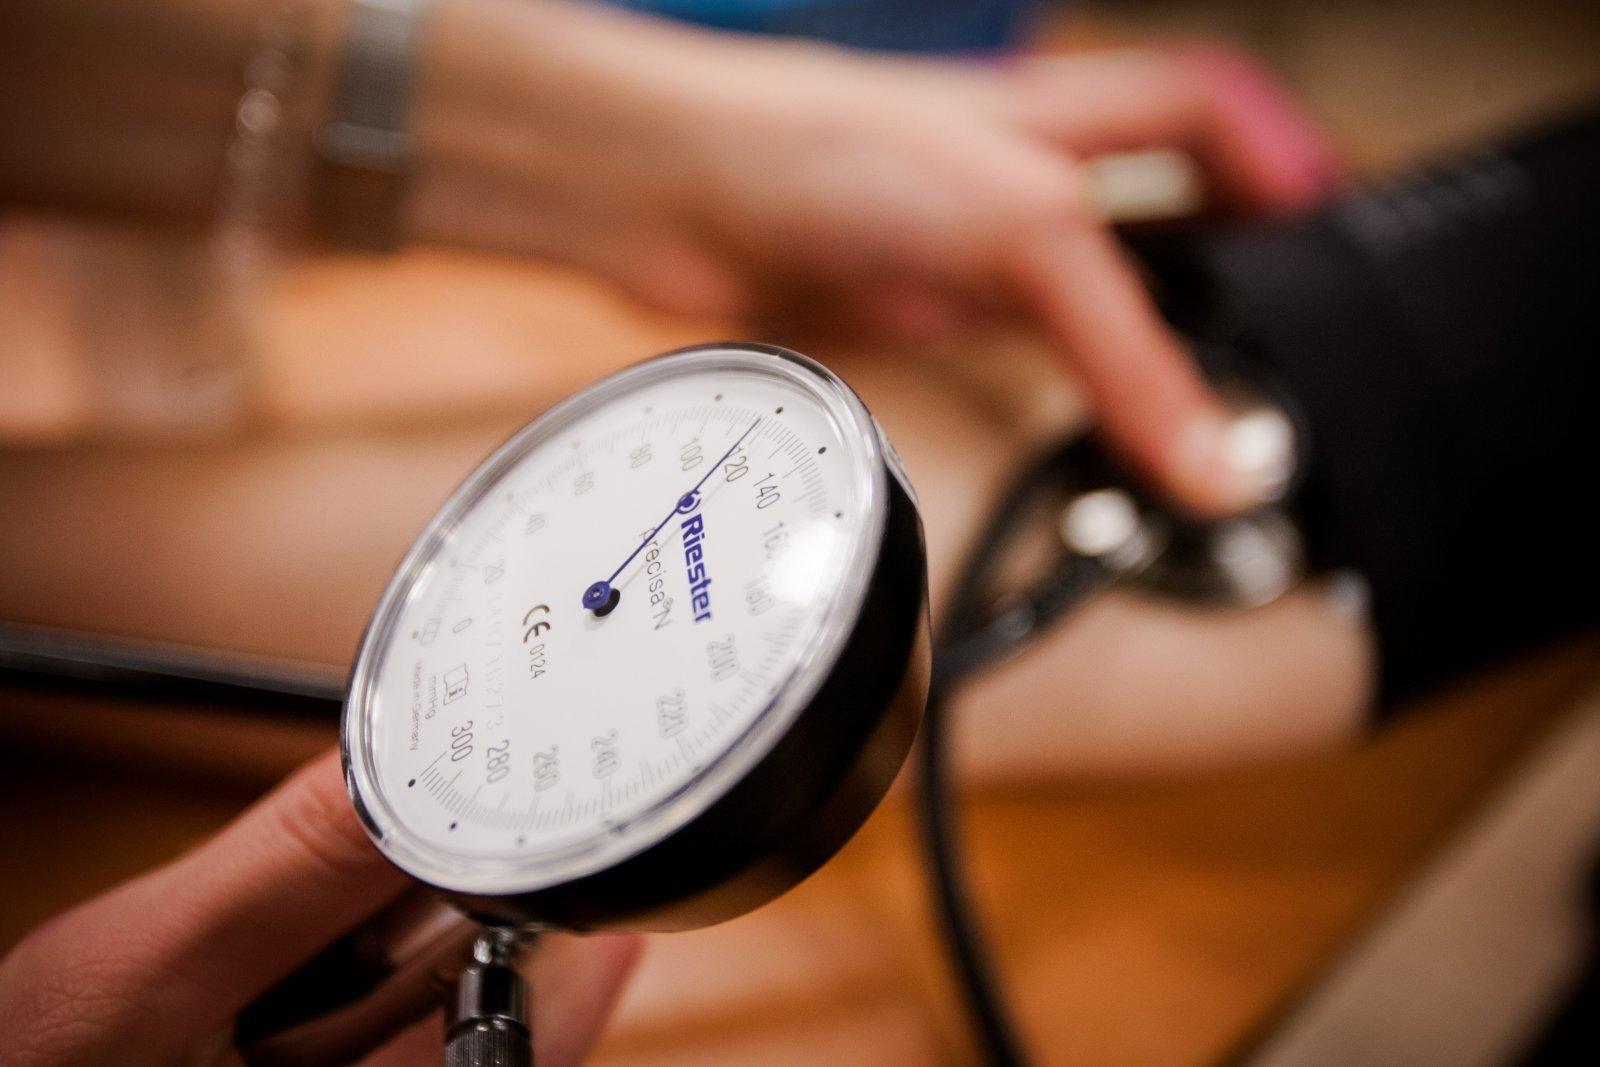 kaip stebėti kraujospūdį esant hipertenzijai)